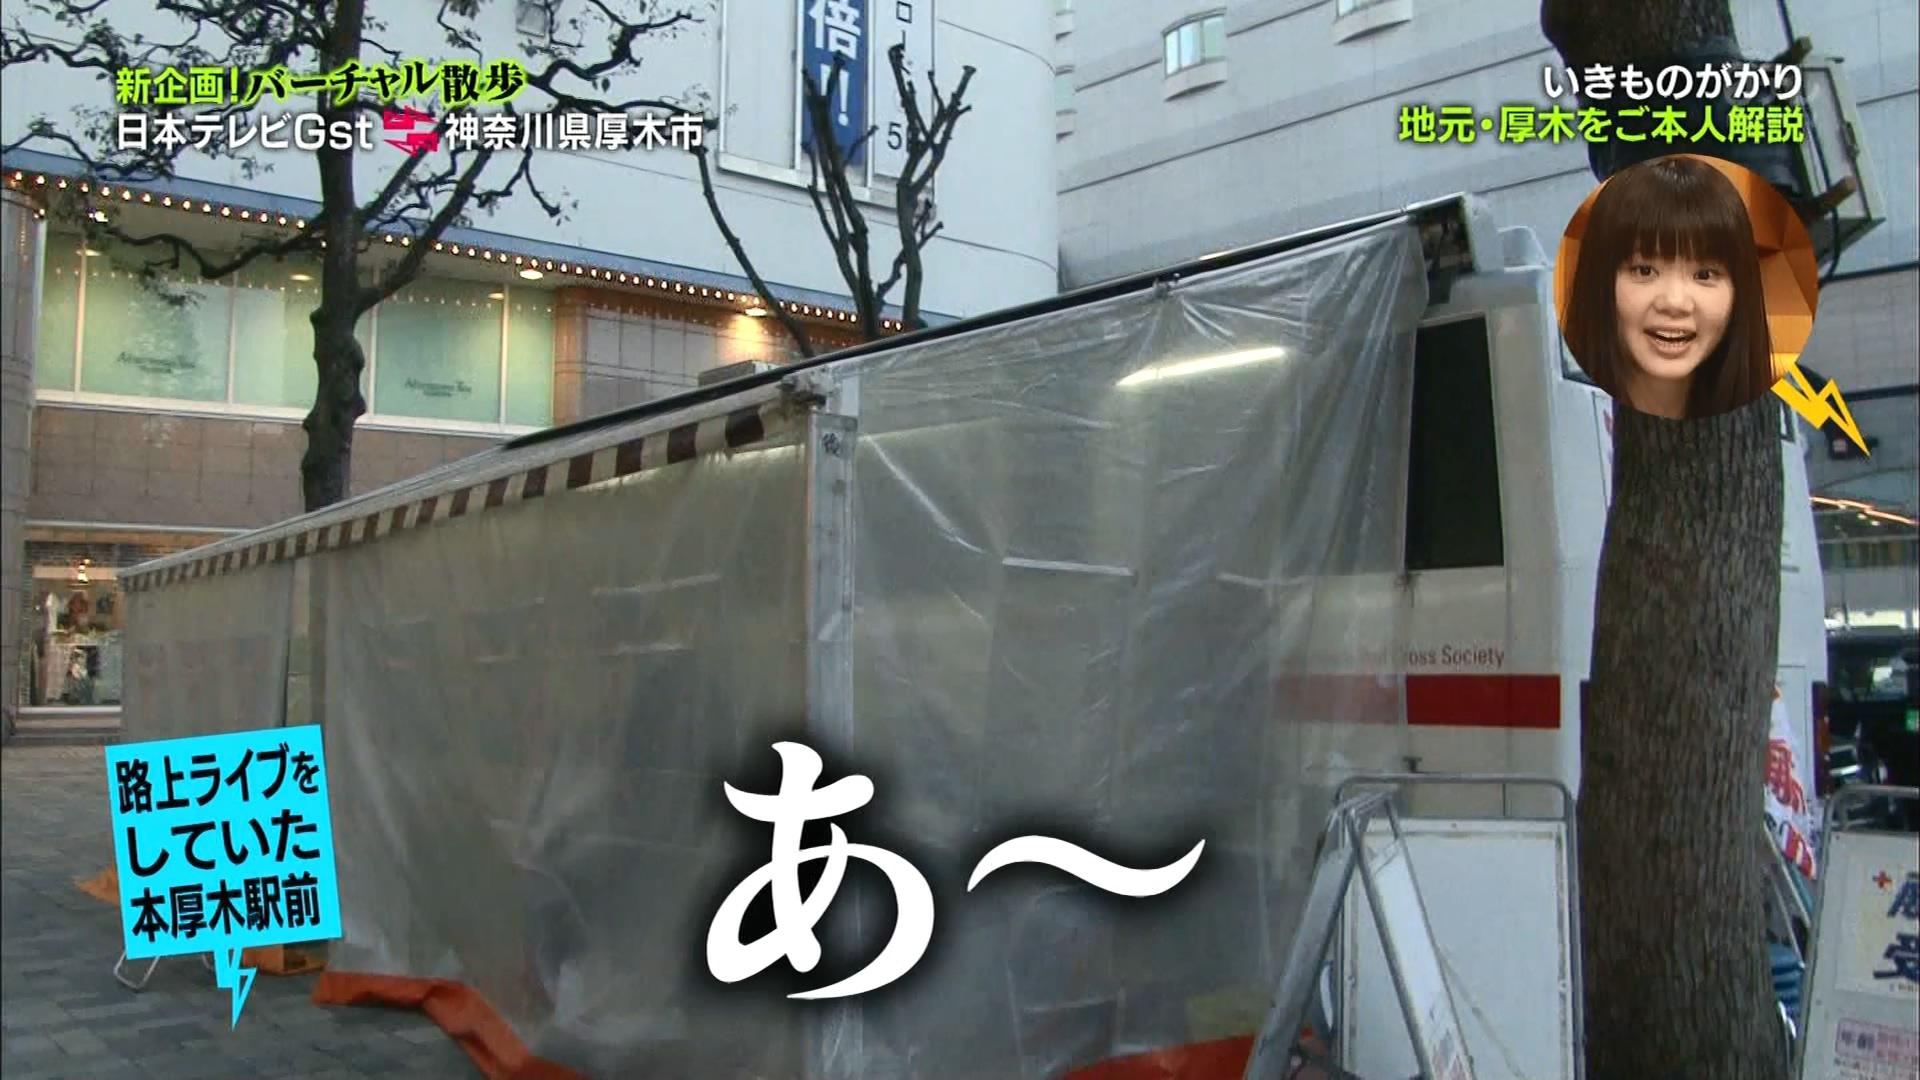 2016.03.11 全場(バズリズム).ts_20160312_024654.339